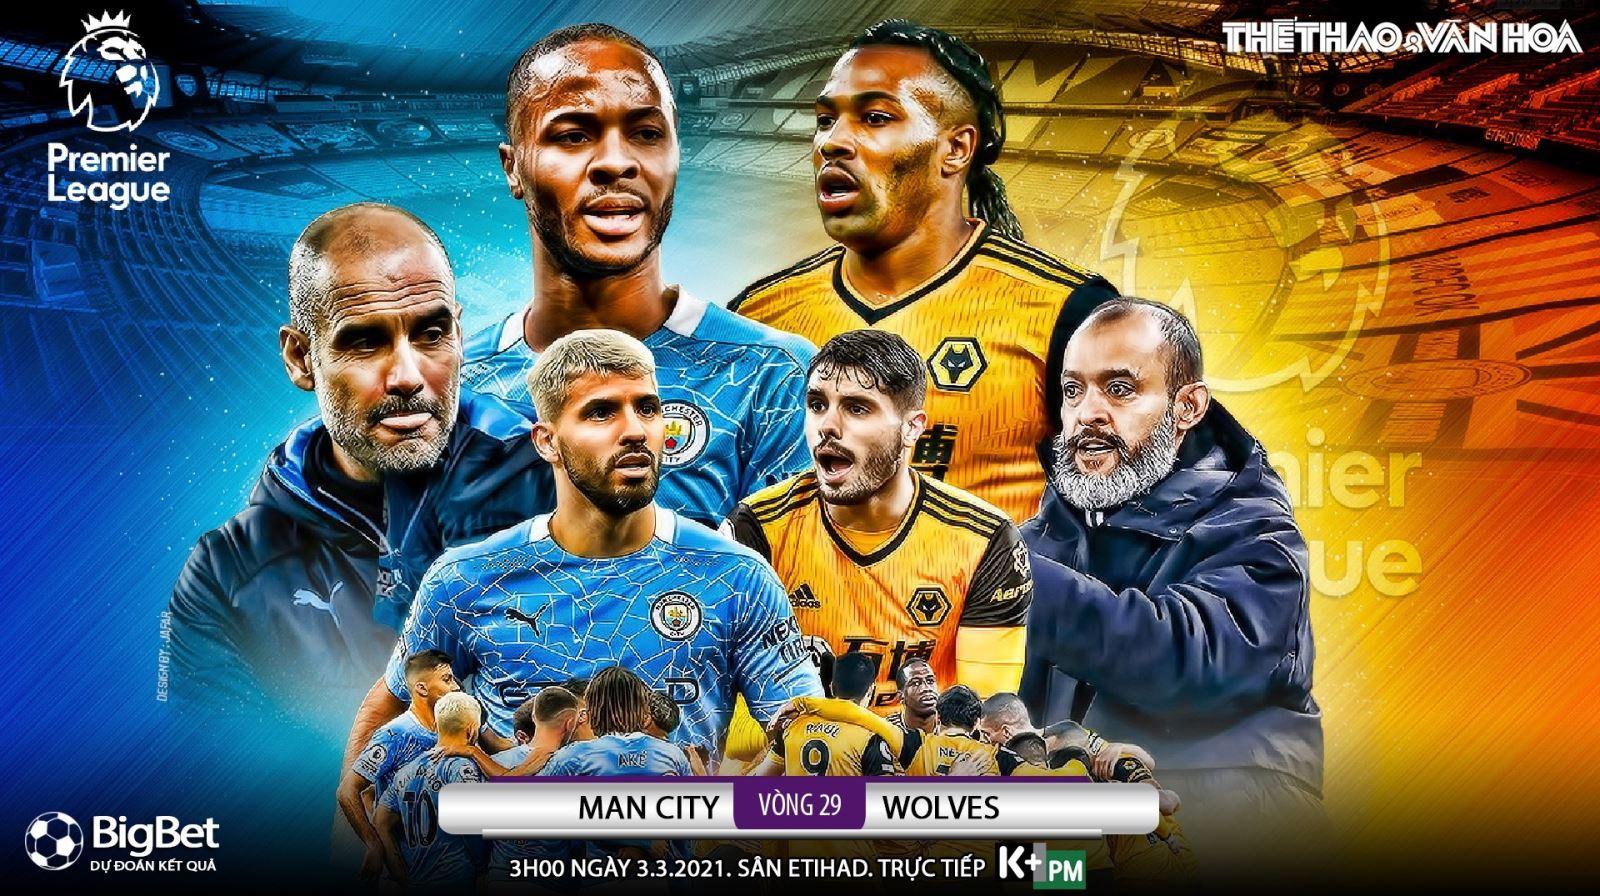 Soi kèo nhà cáiMan City vs Wolves. K+PM trực tiếp bóng đá Ngoại hạng Anh